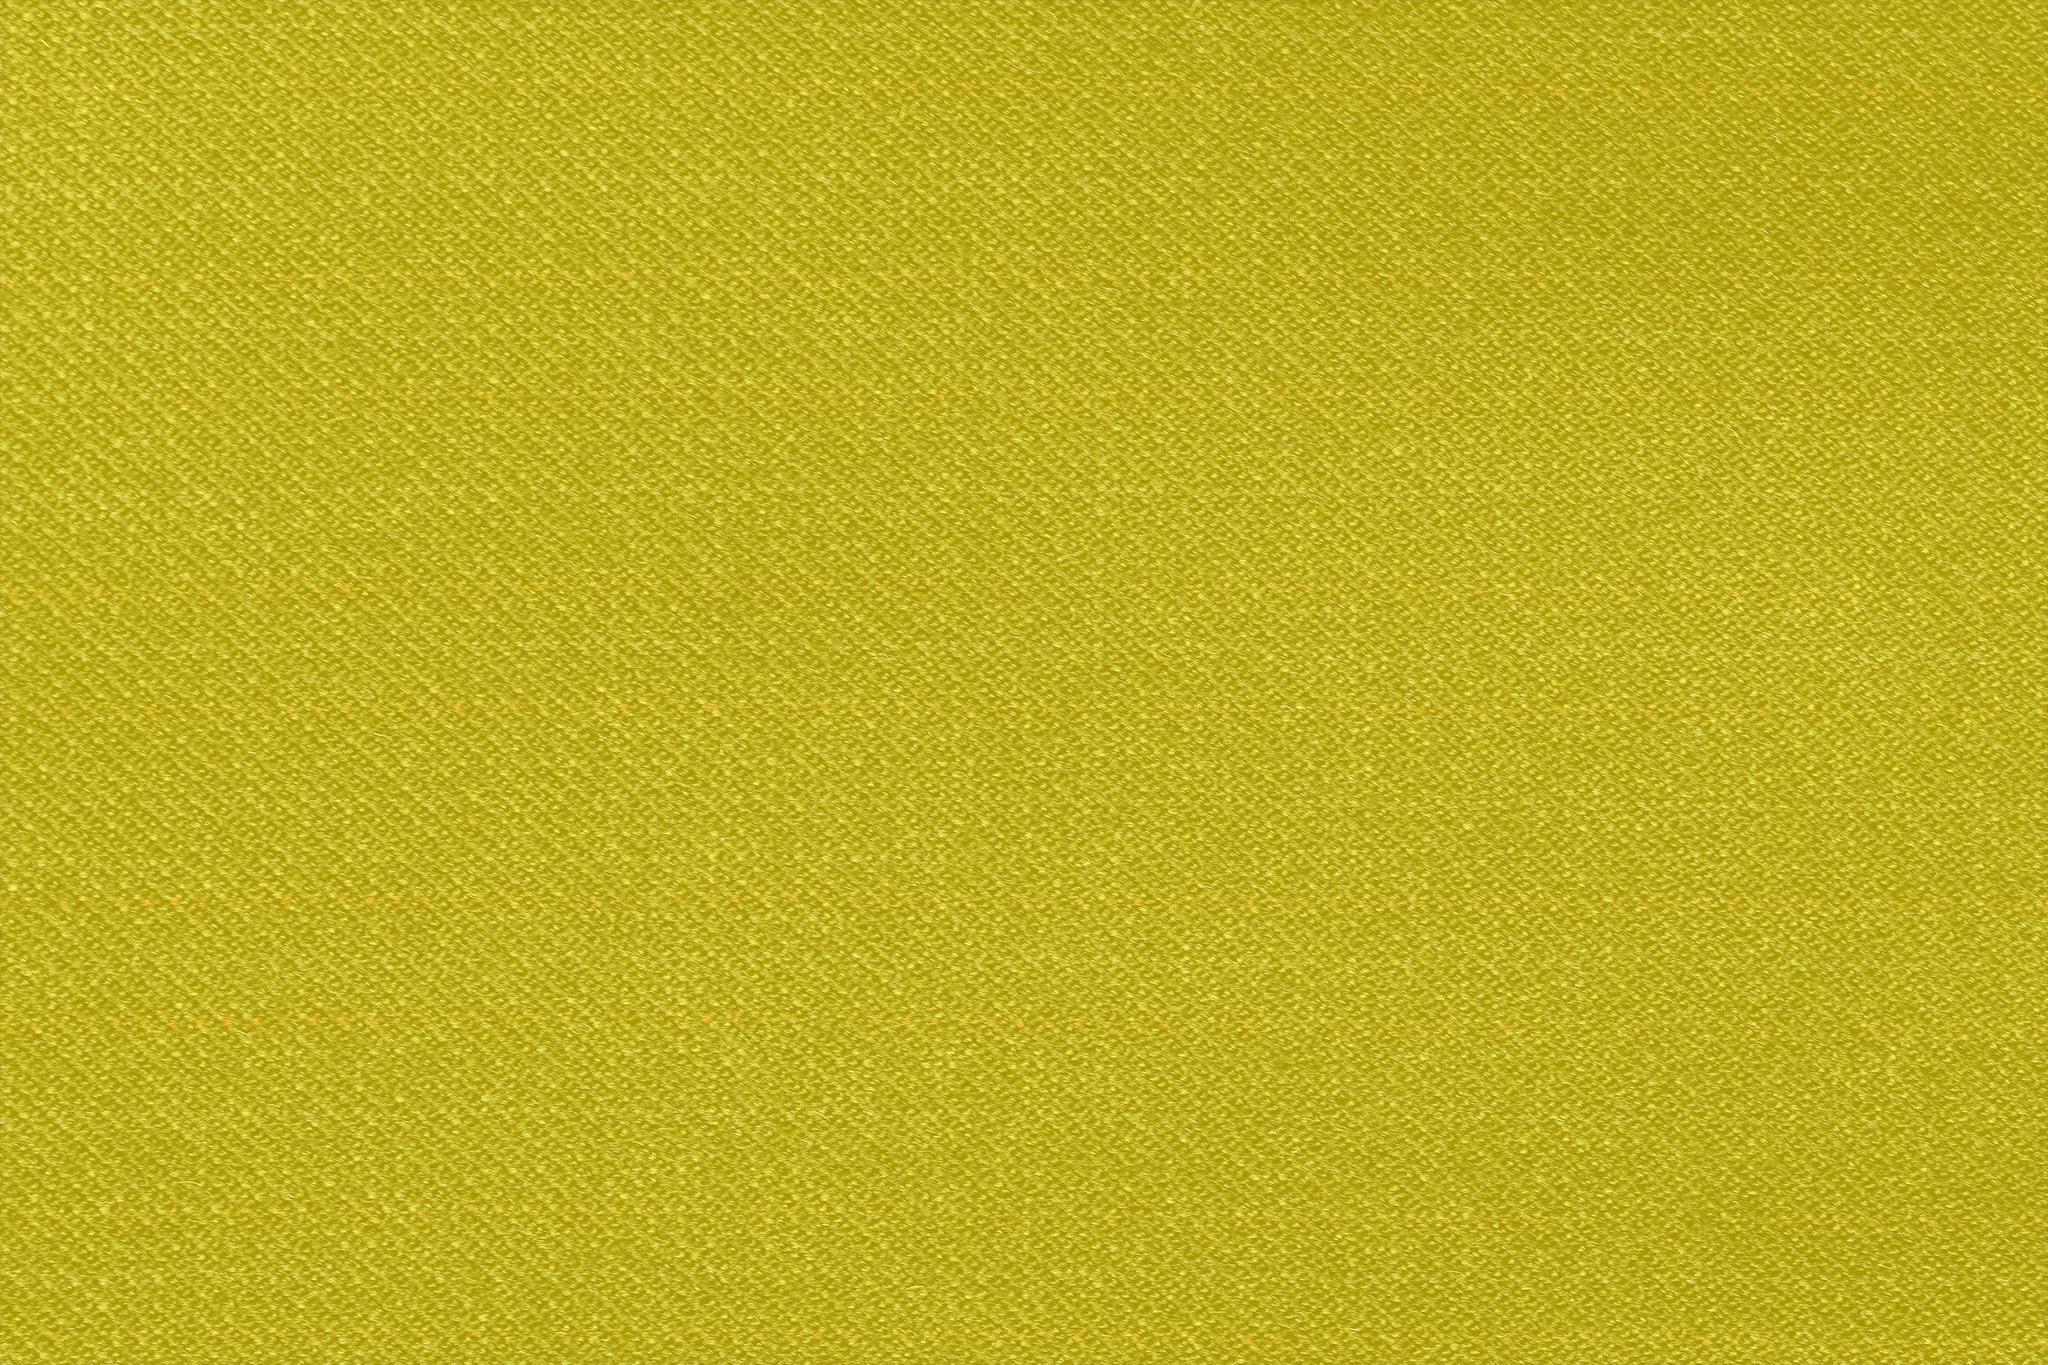 「黄金色の布地」